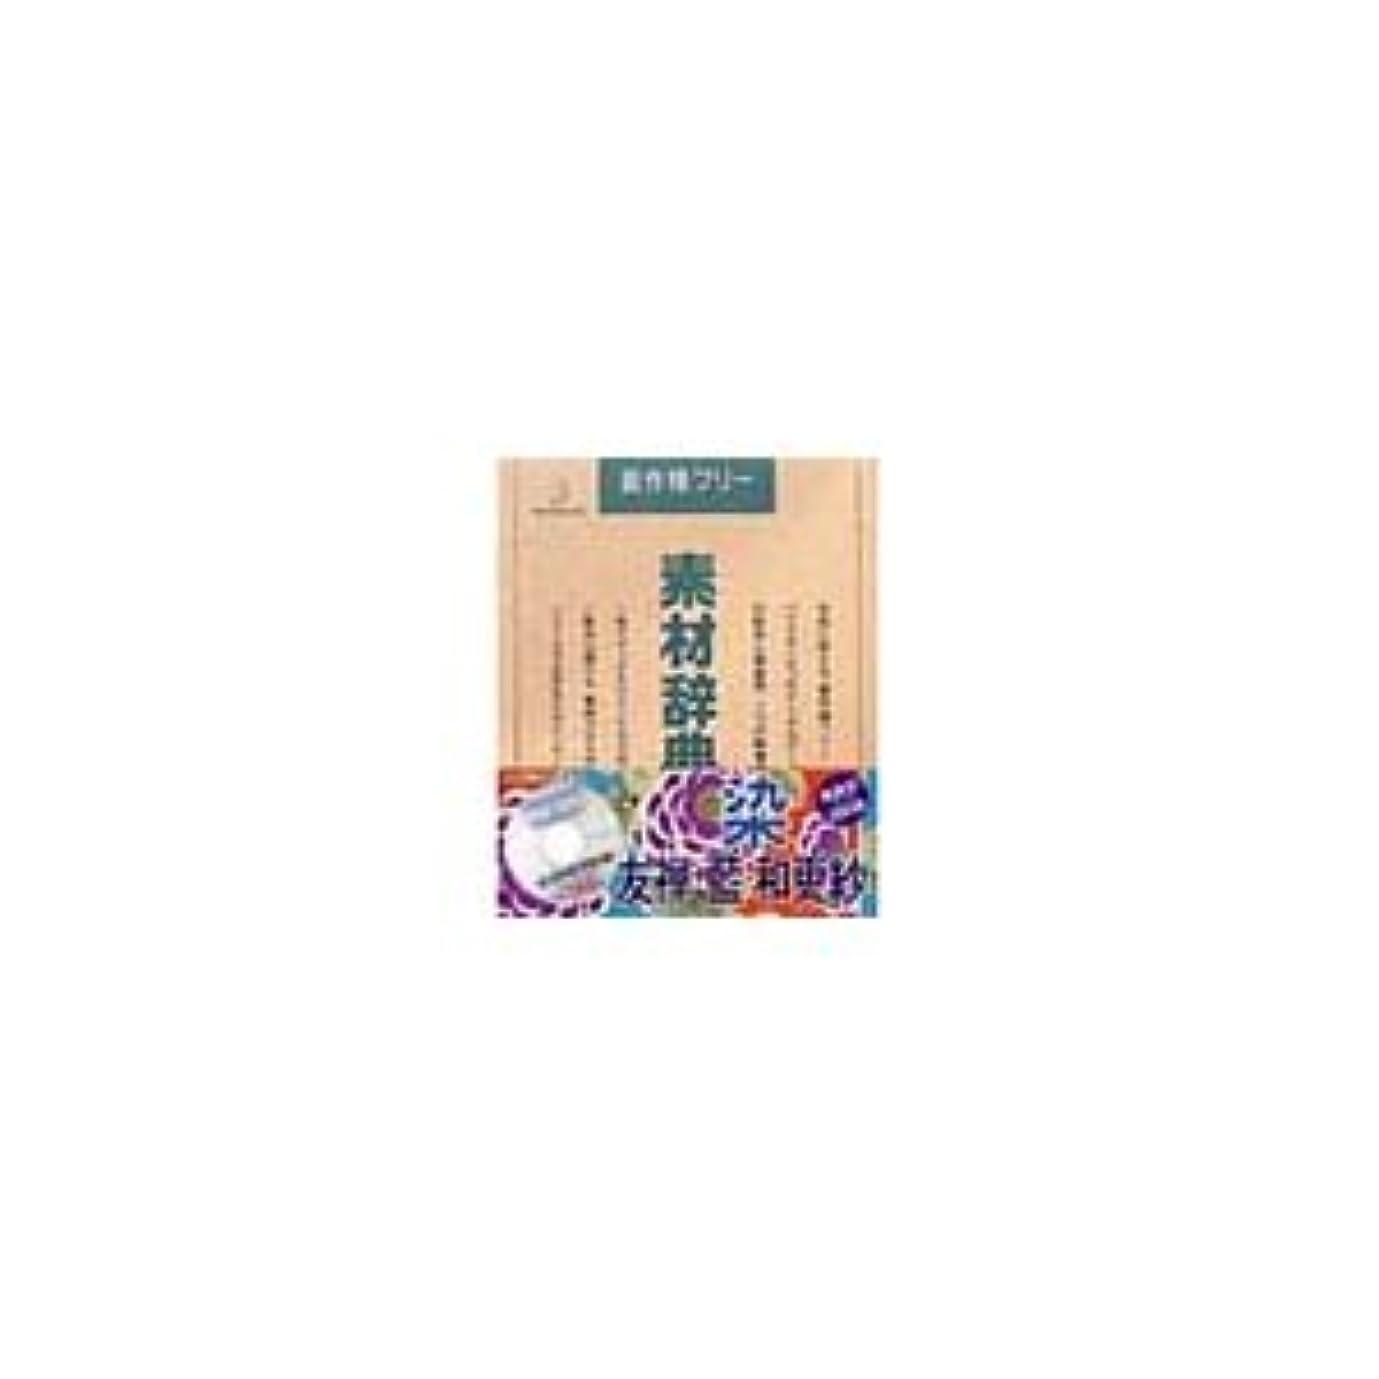 ドリンク暴露哲学的写真素材 素材辞典Vol.51 染 友禅 藍 和更紗